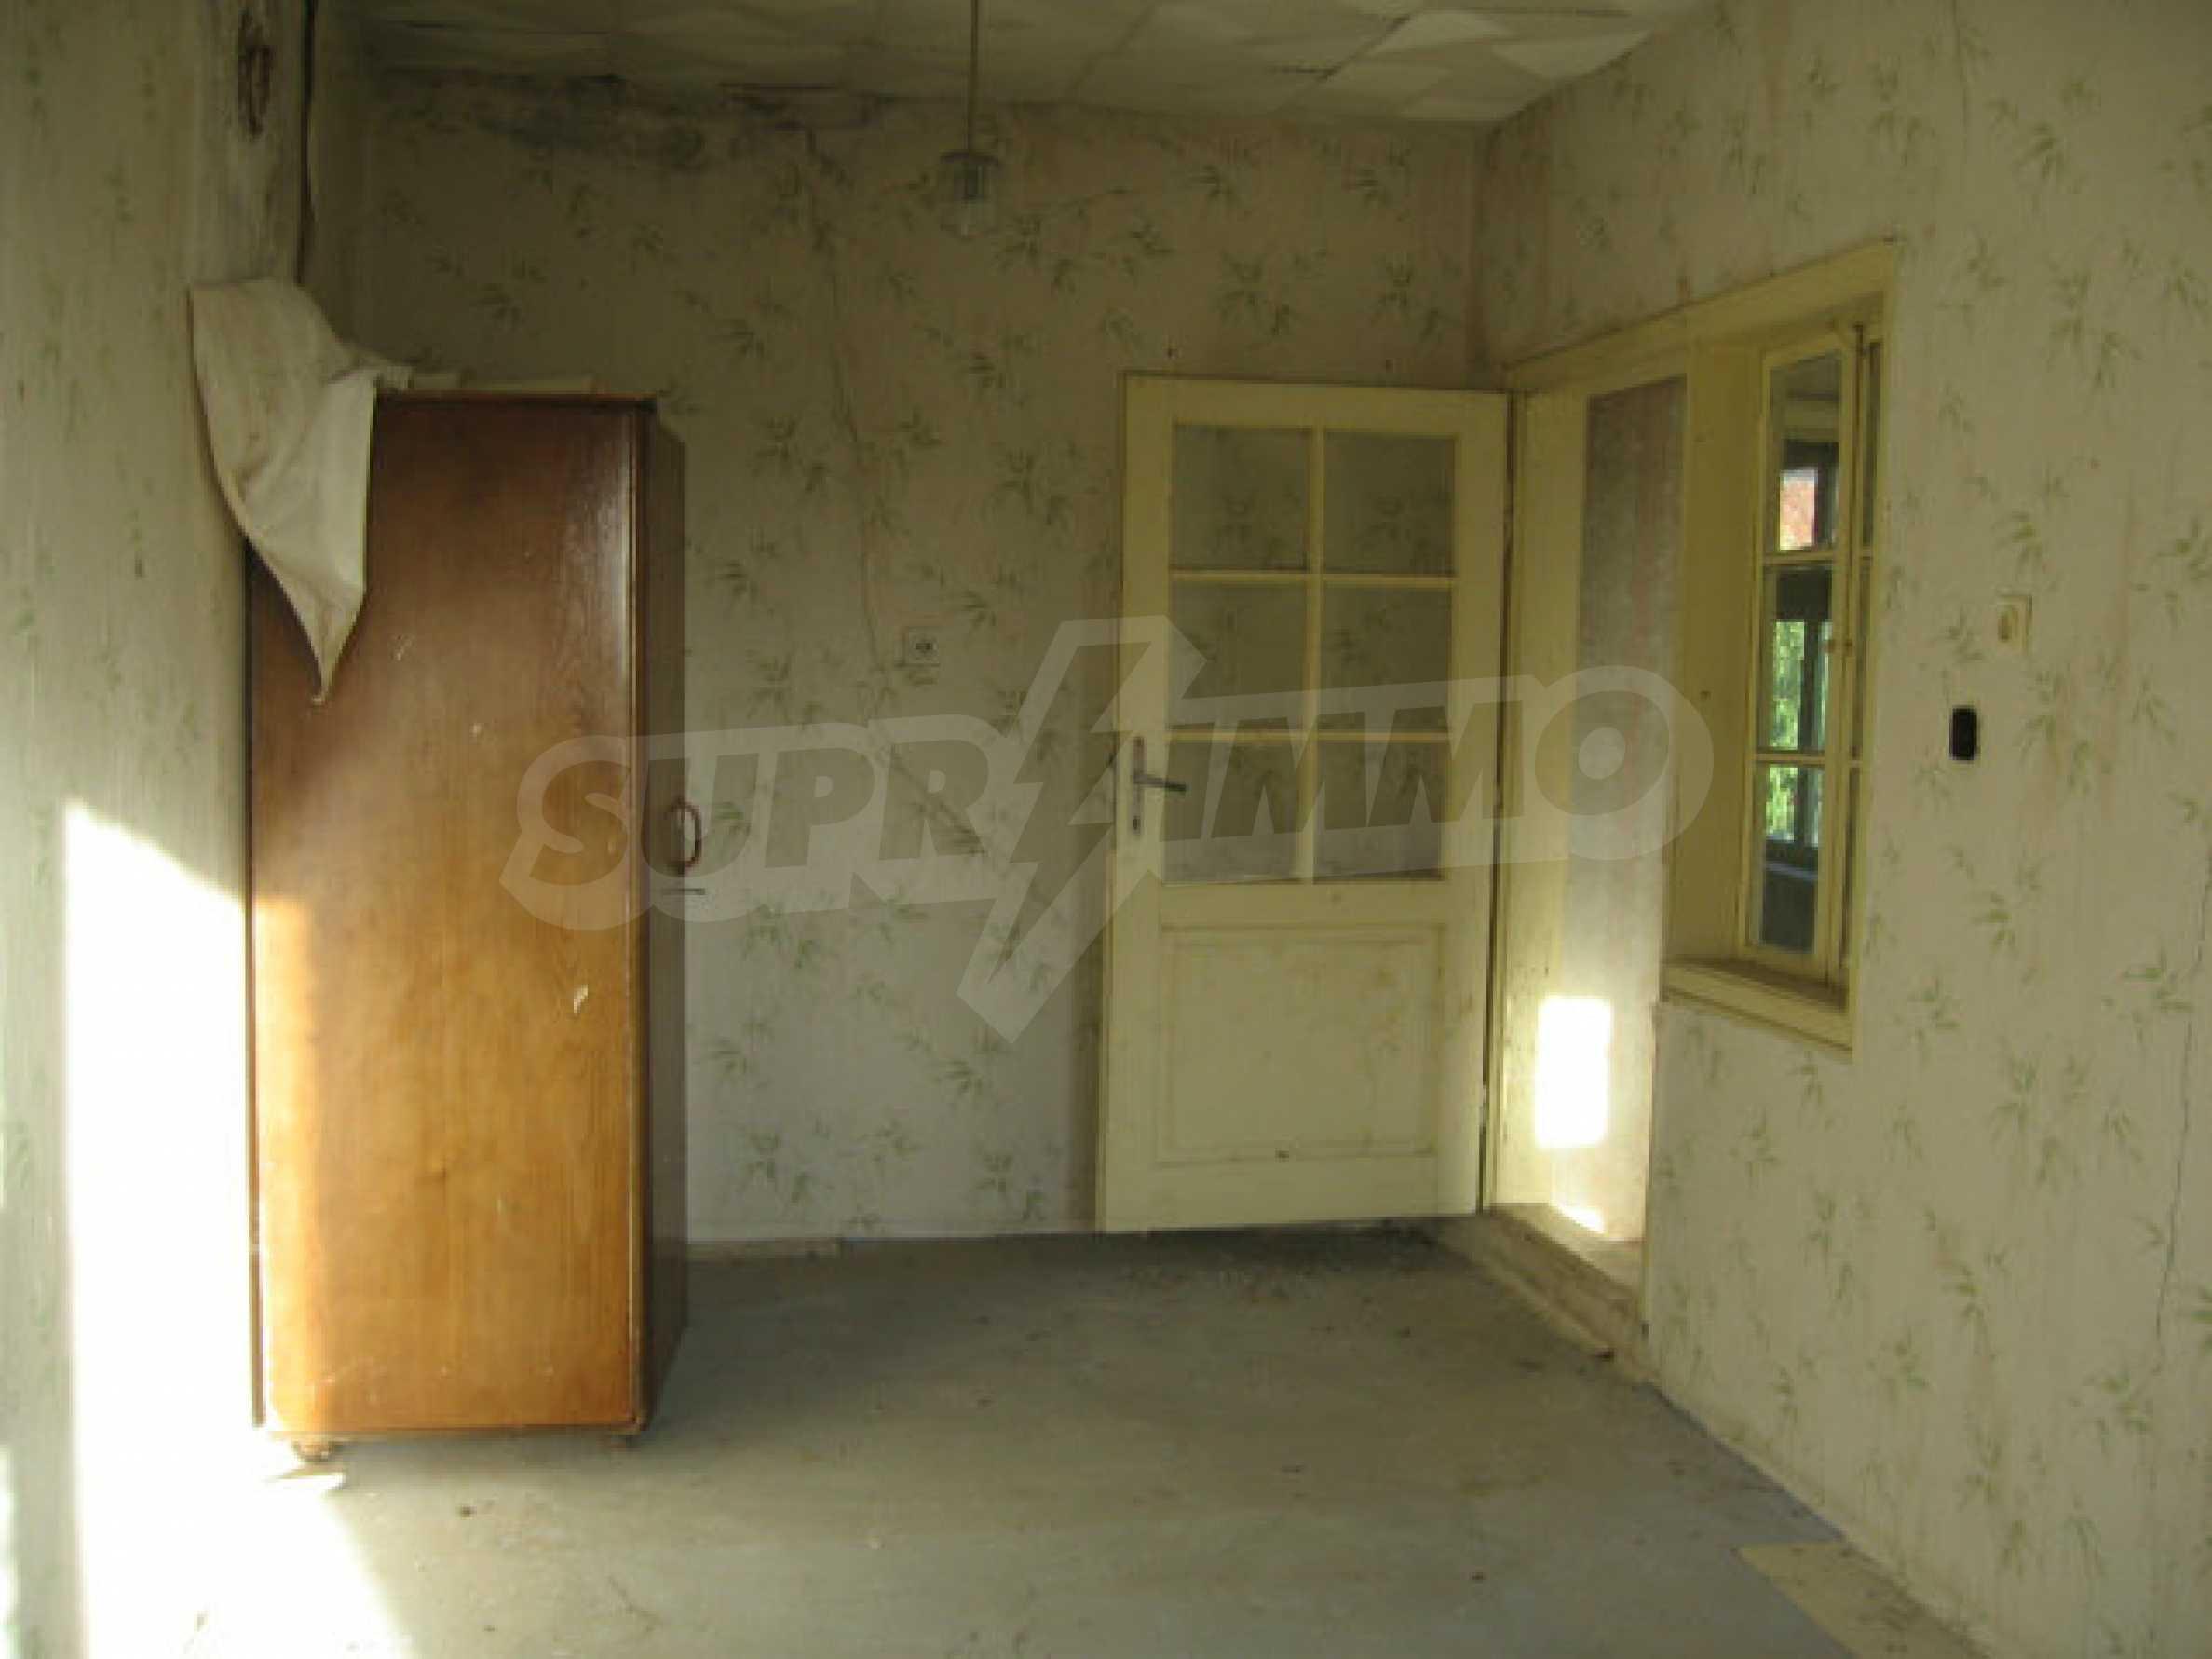 Sonniges zweistöckiges Haus in einem kleinen Dorf in der Nähe der Flüsse Tundzha und Elhovo 11